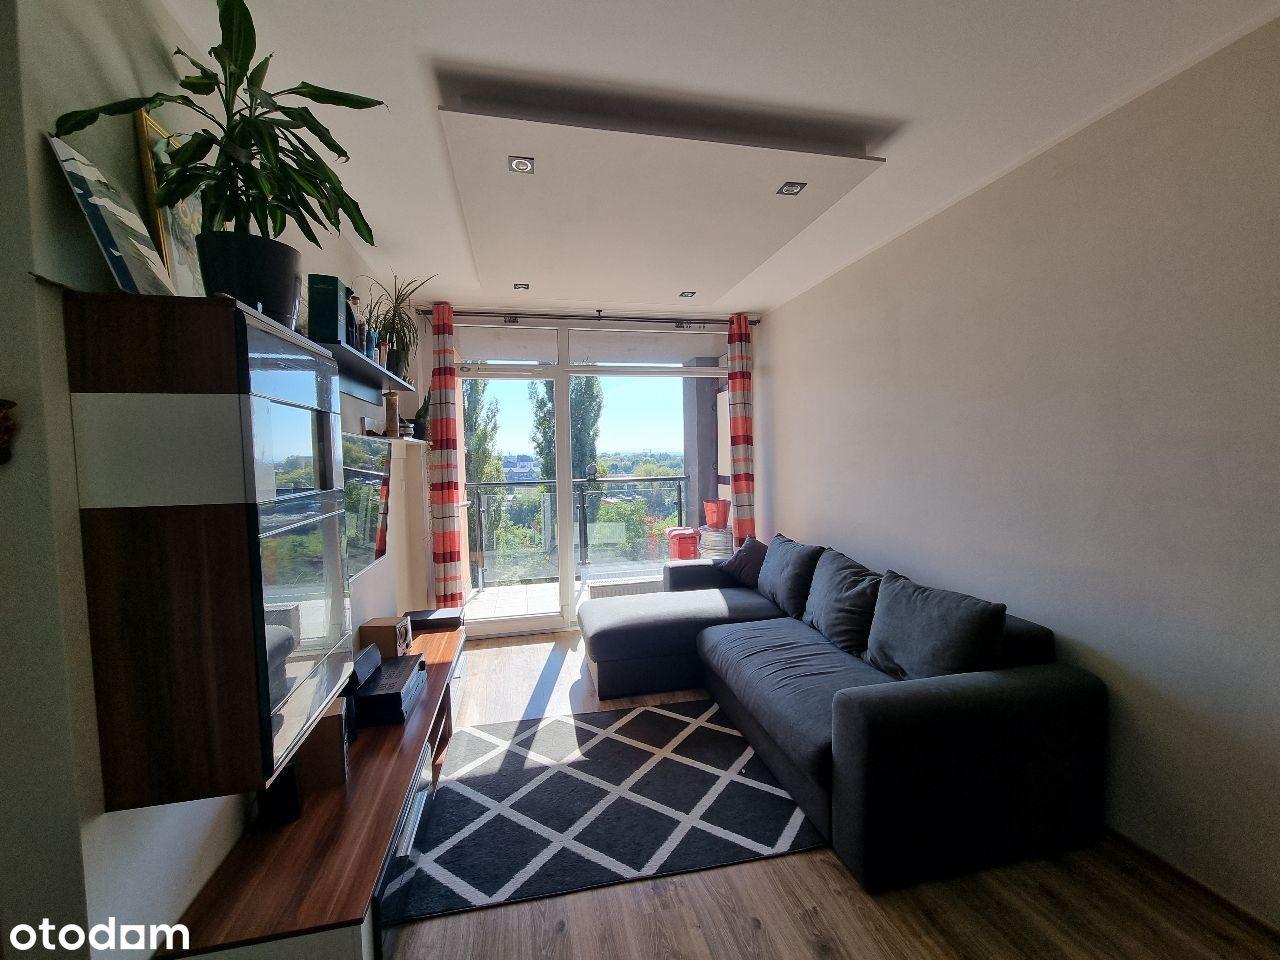 Mieszkanie 50m2 Krowodrza - ŚWIETNA LOKALIZACJA